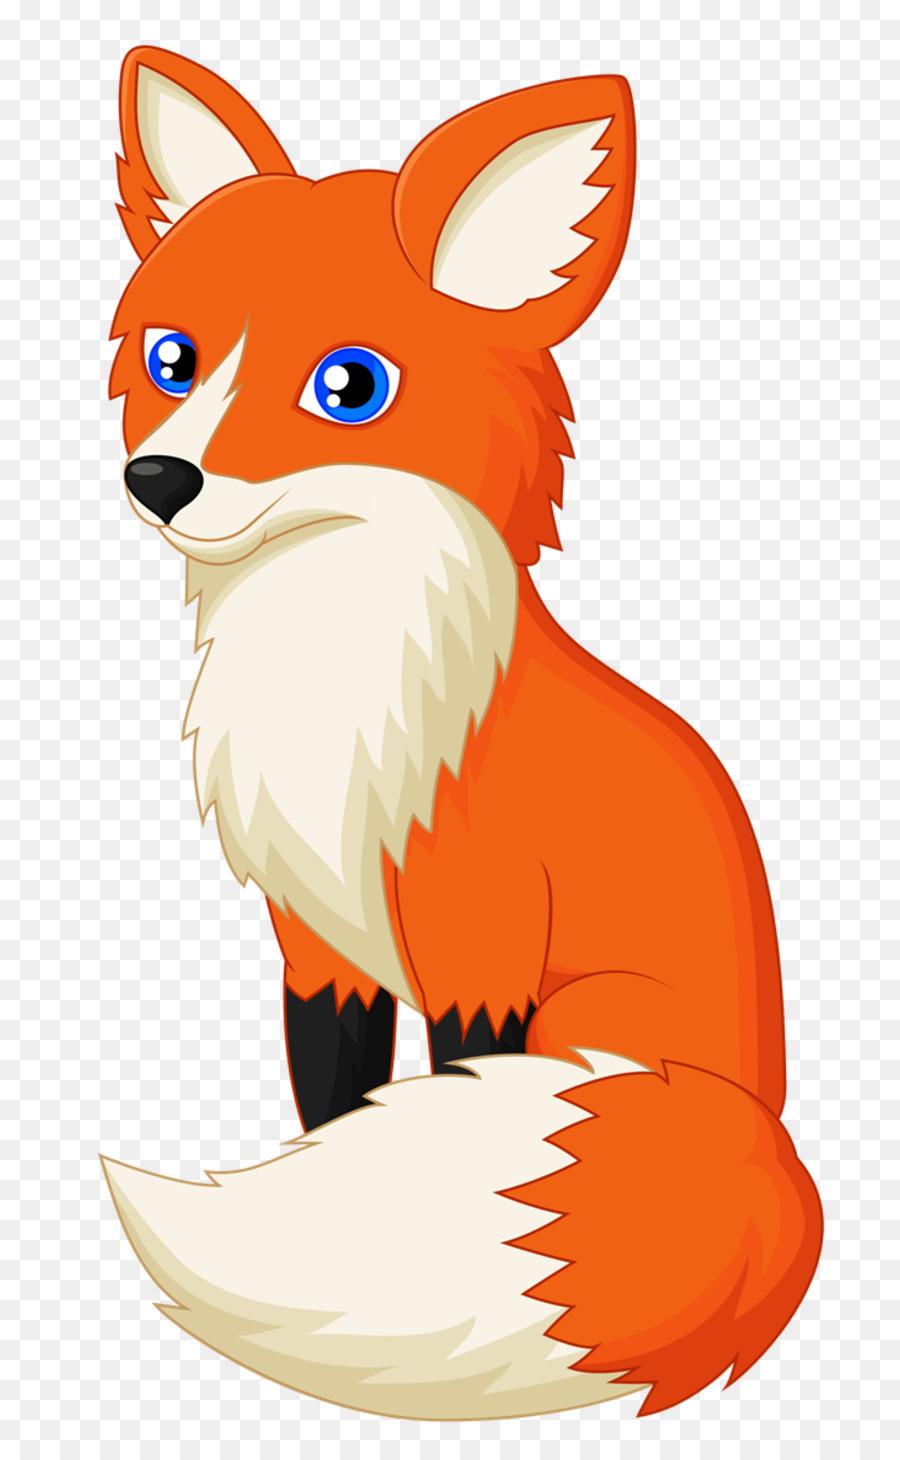 Fox clipart illustration. Cartoon orange transparent